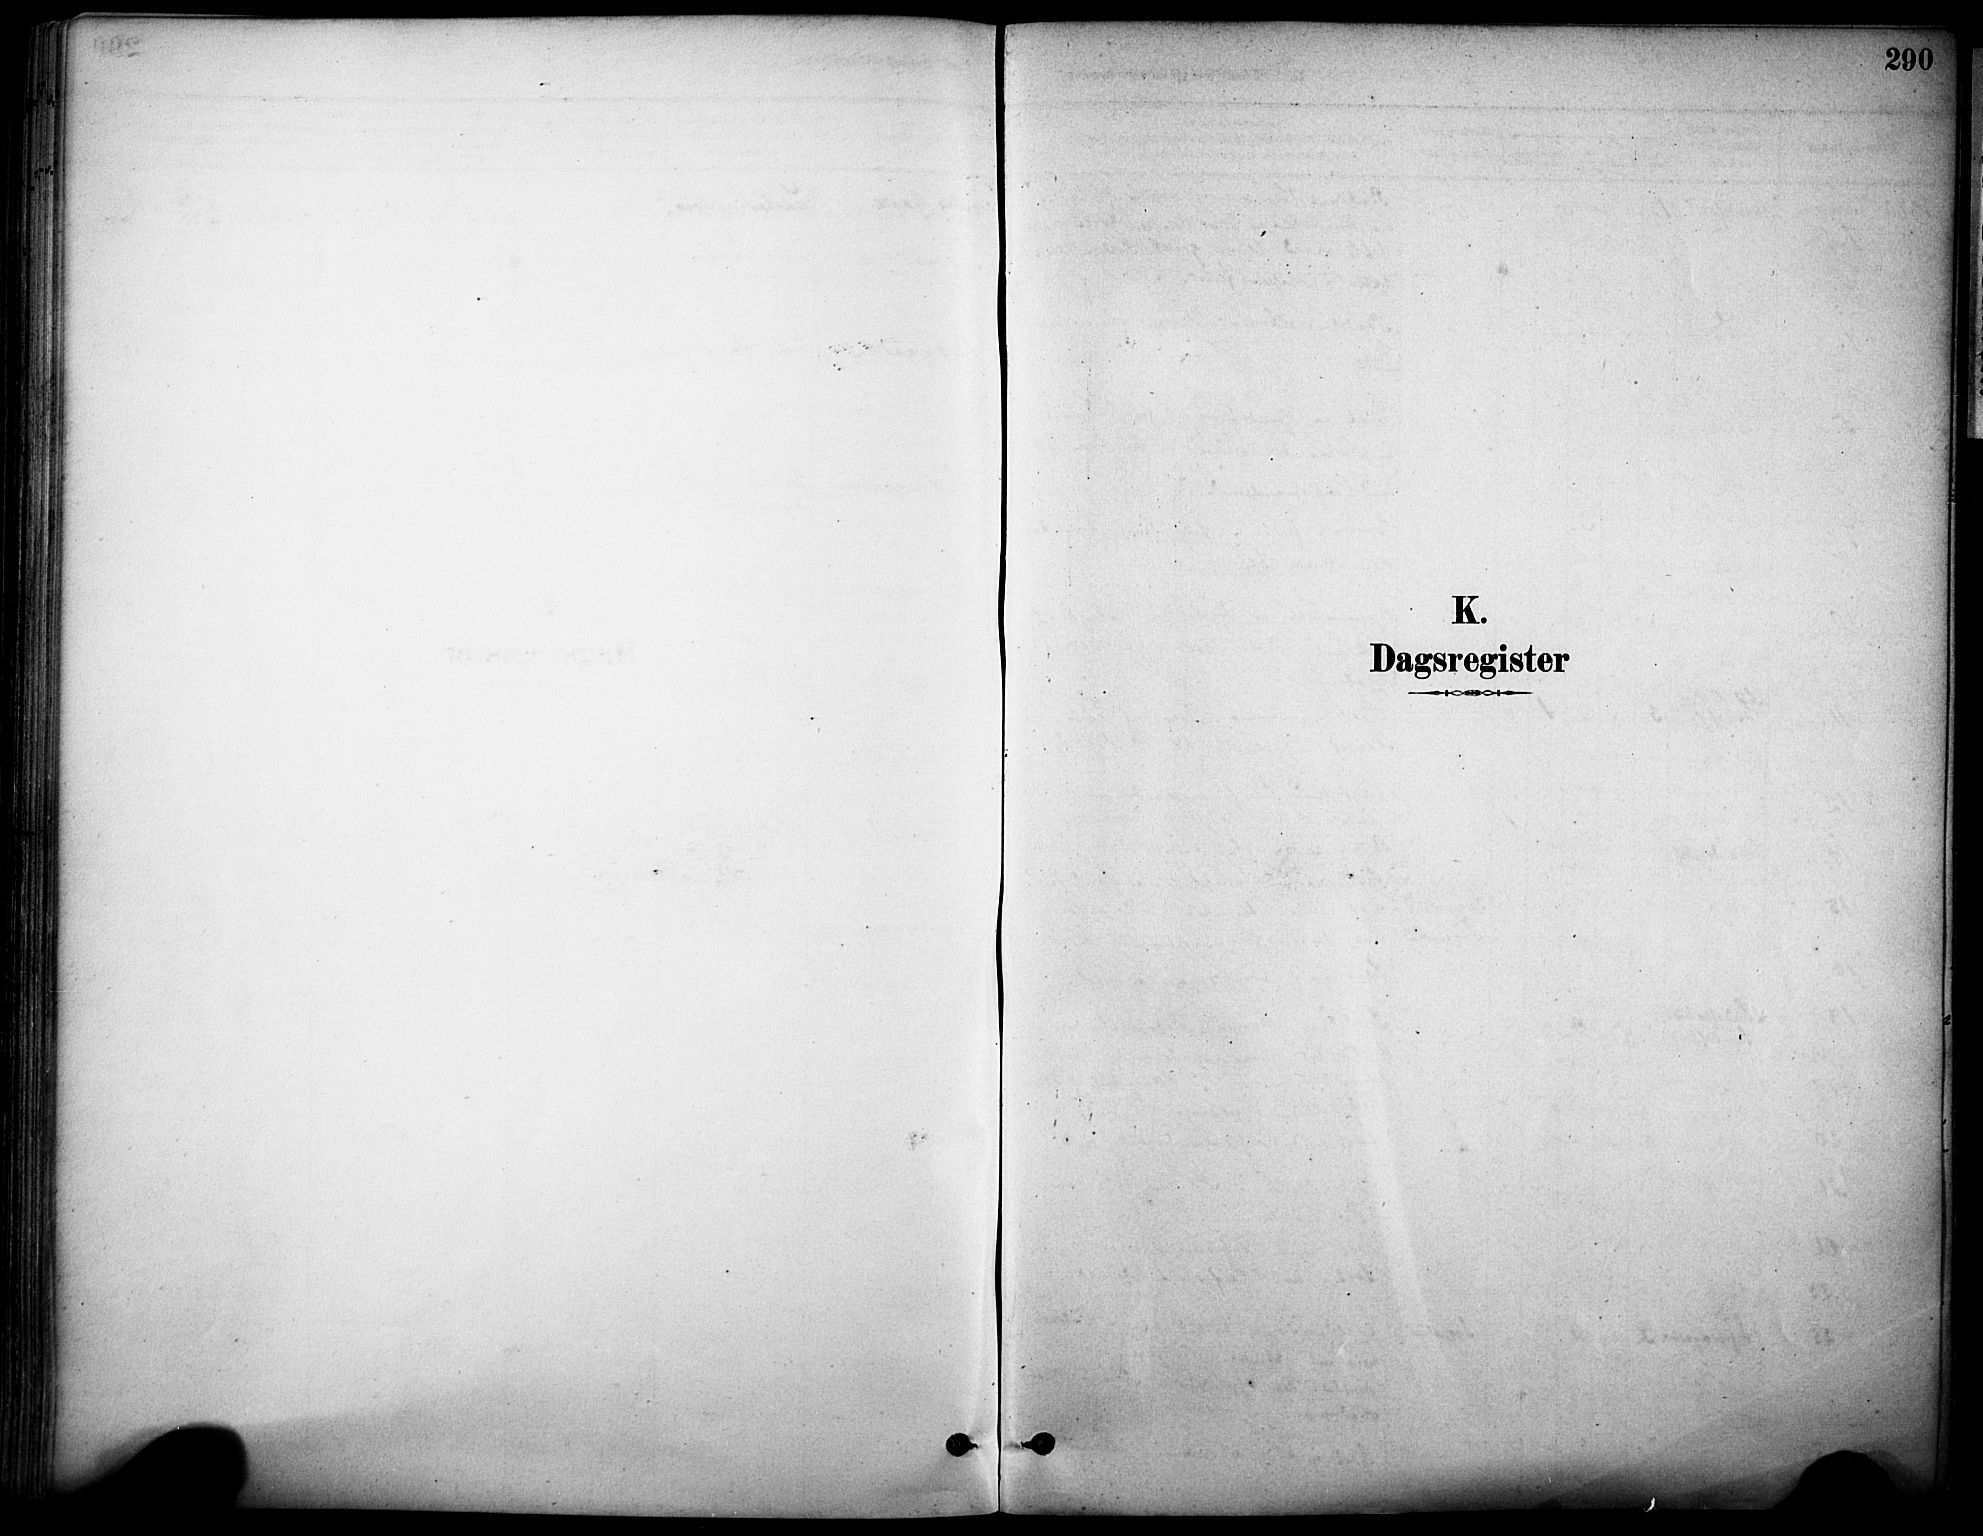 SAKO, Sandefjord kirkebøker, F/Fa/L0002: Ministerialbok nr. 2, 1880-1894, s. 290